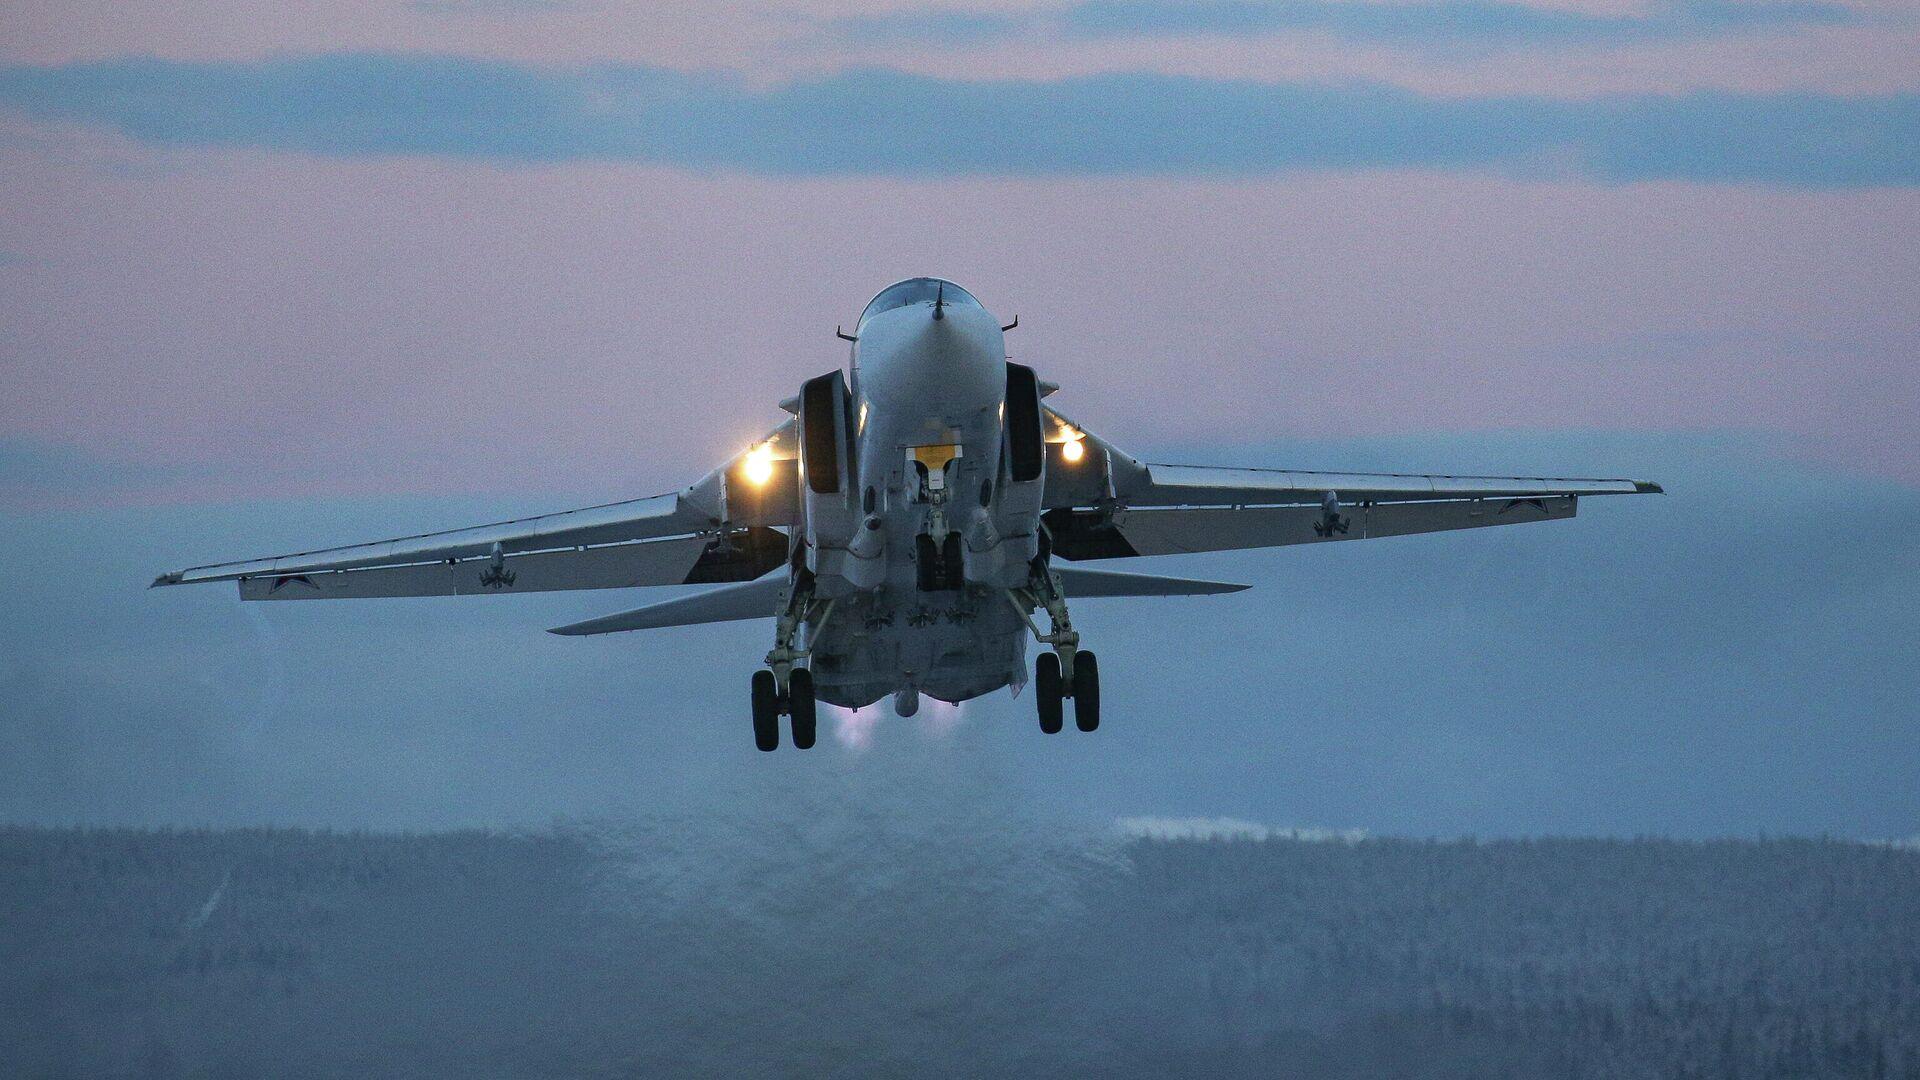 Самолет Су-24 во время учебно-тренировочных полетов в Мурманской области - РИА Новости, 1920, 25.02.2021